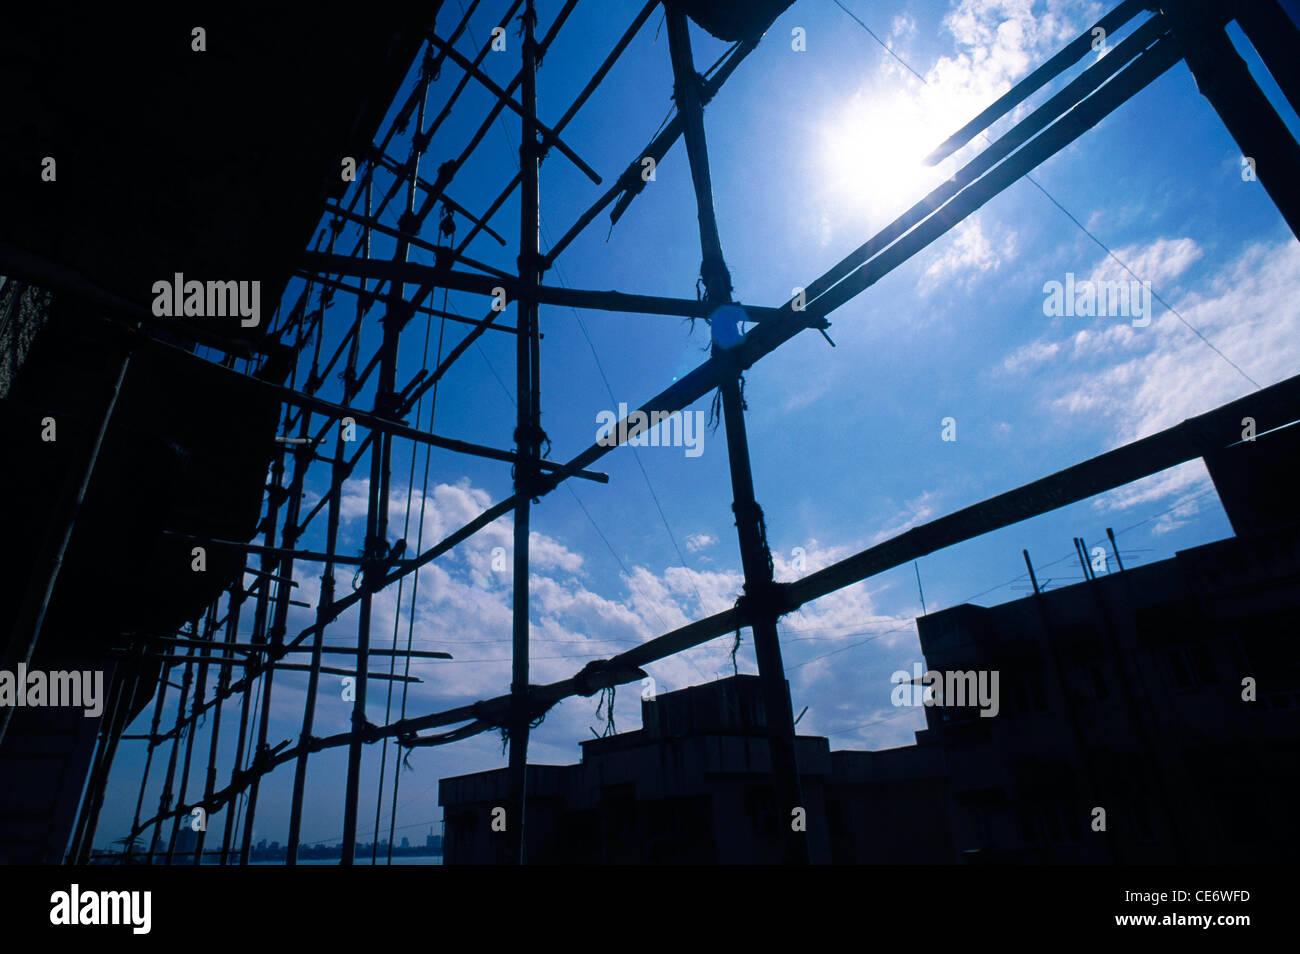 STP 86018 : bambù struttura di ponteggio sun nuvole bianche blue sky india Immagini Stock